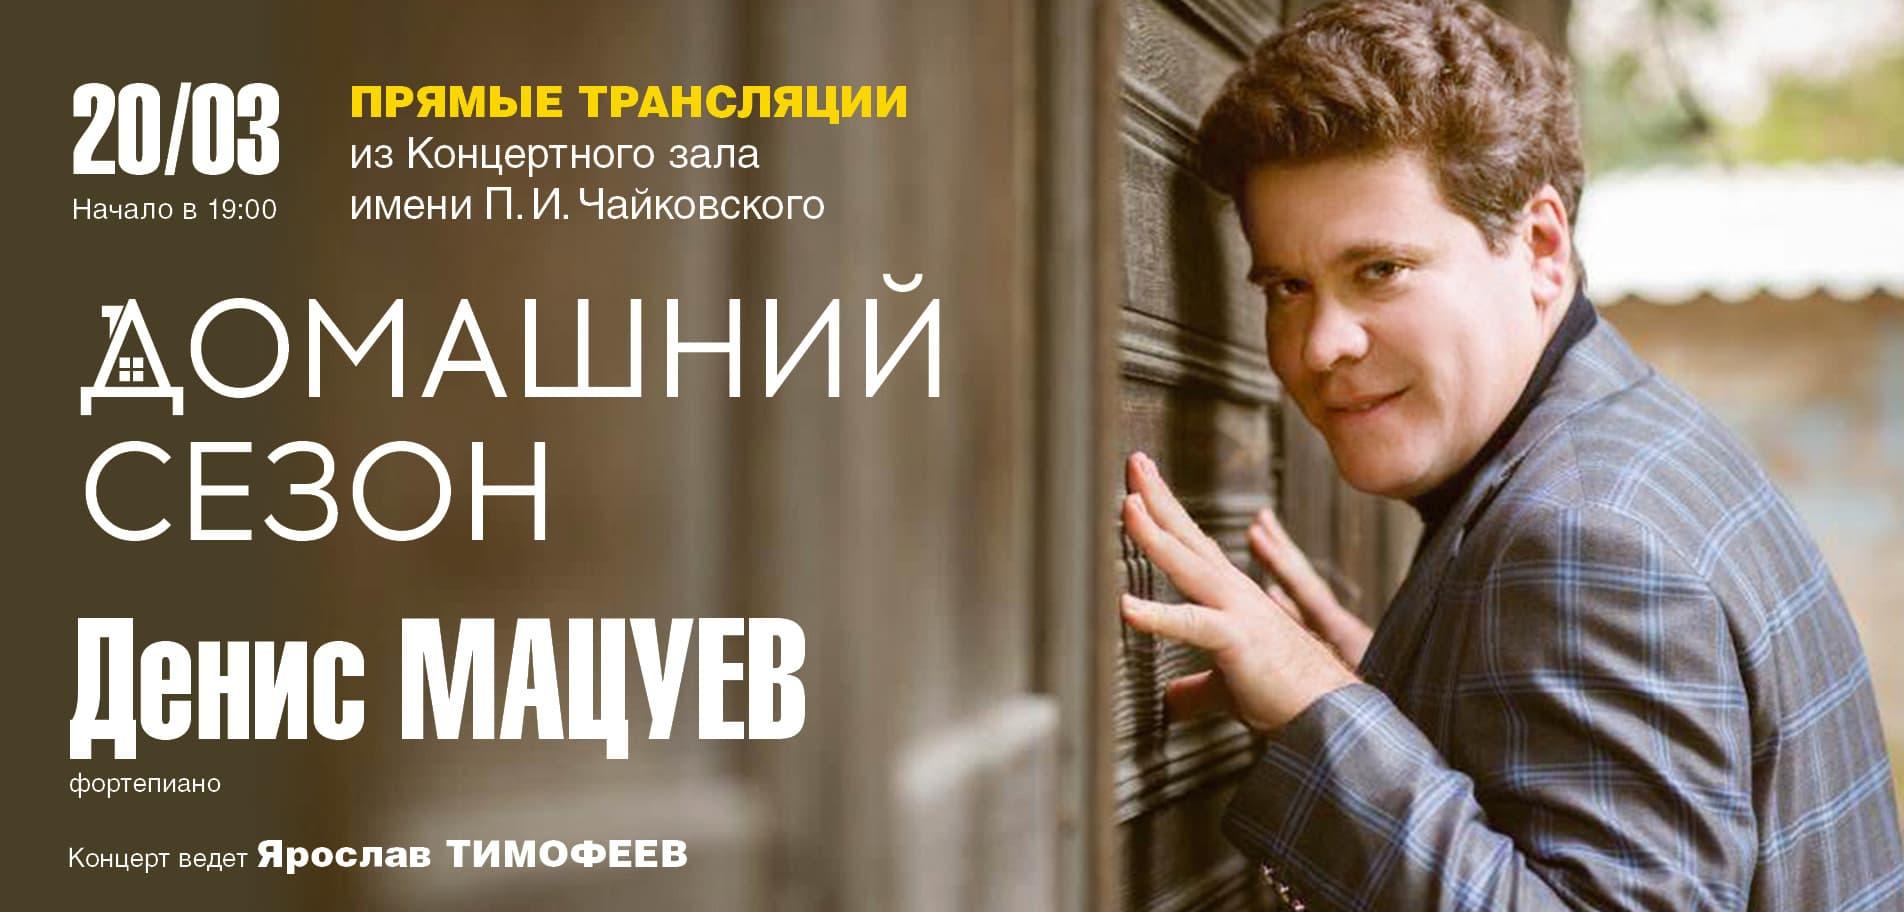 Мацуев, Генюшас и Андрианов дадут онлайн-концерты в Московской филармонии